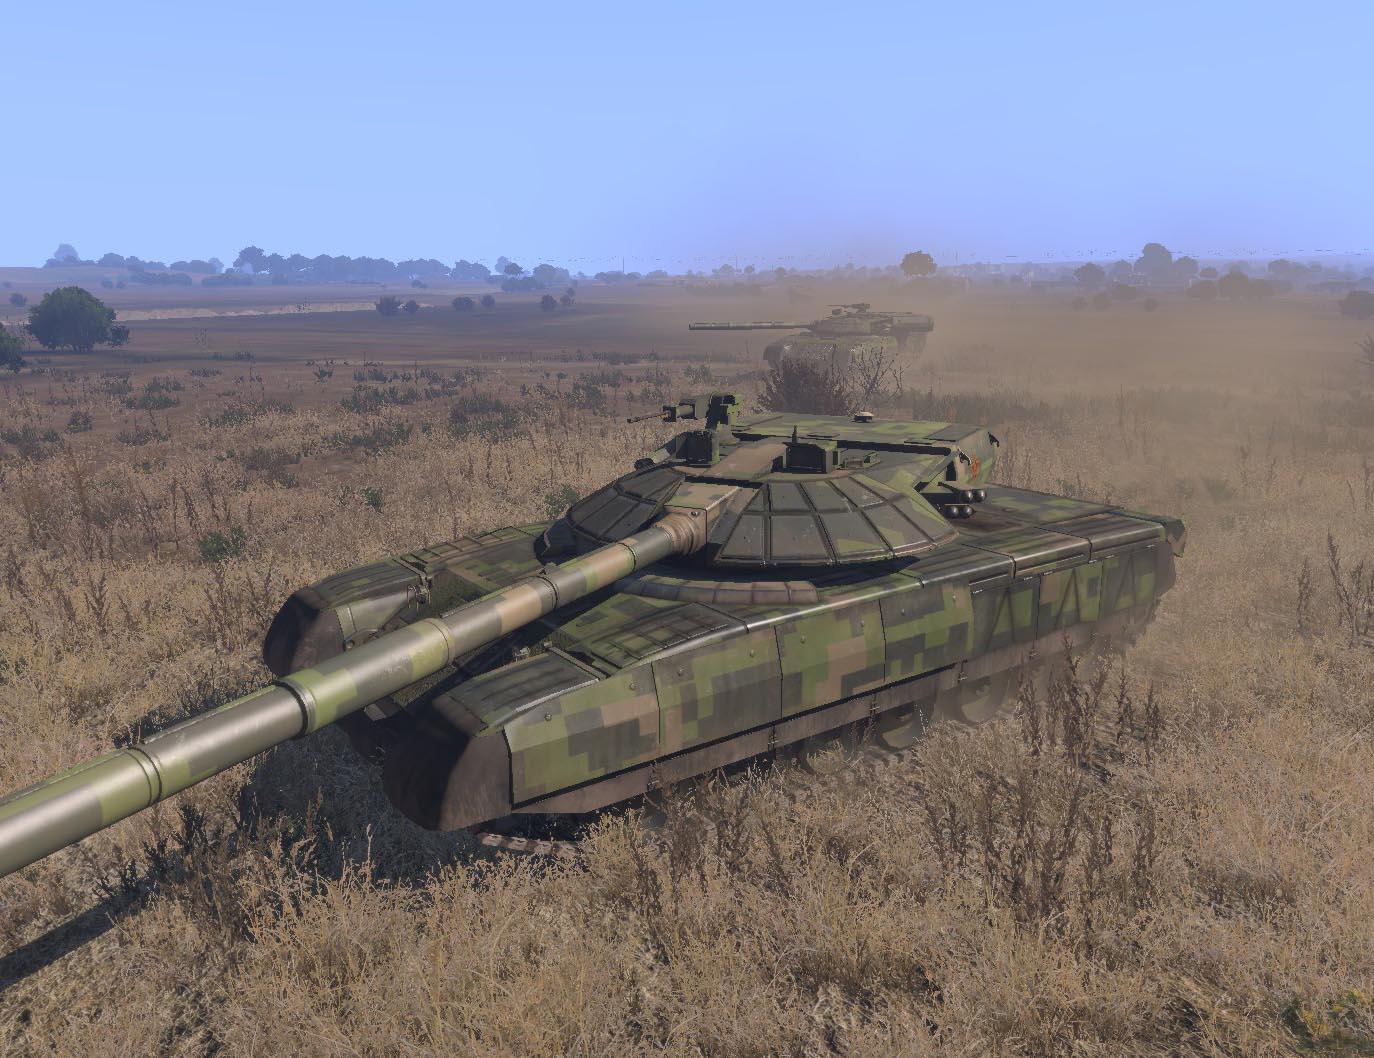 liberation arma 3 mit bw mod